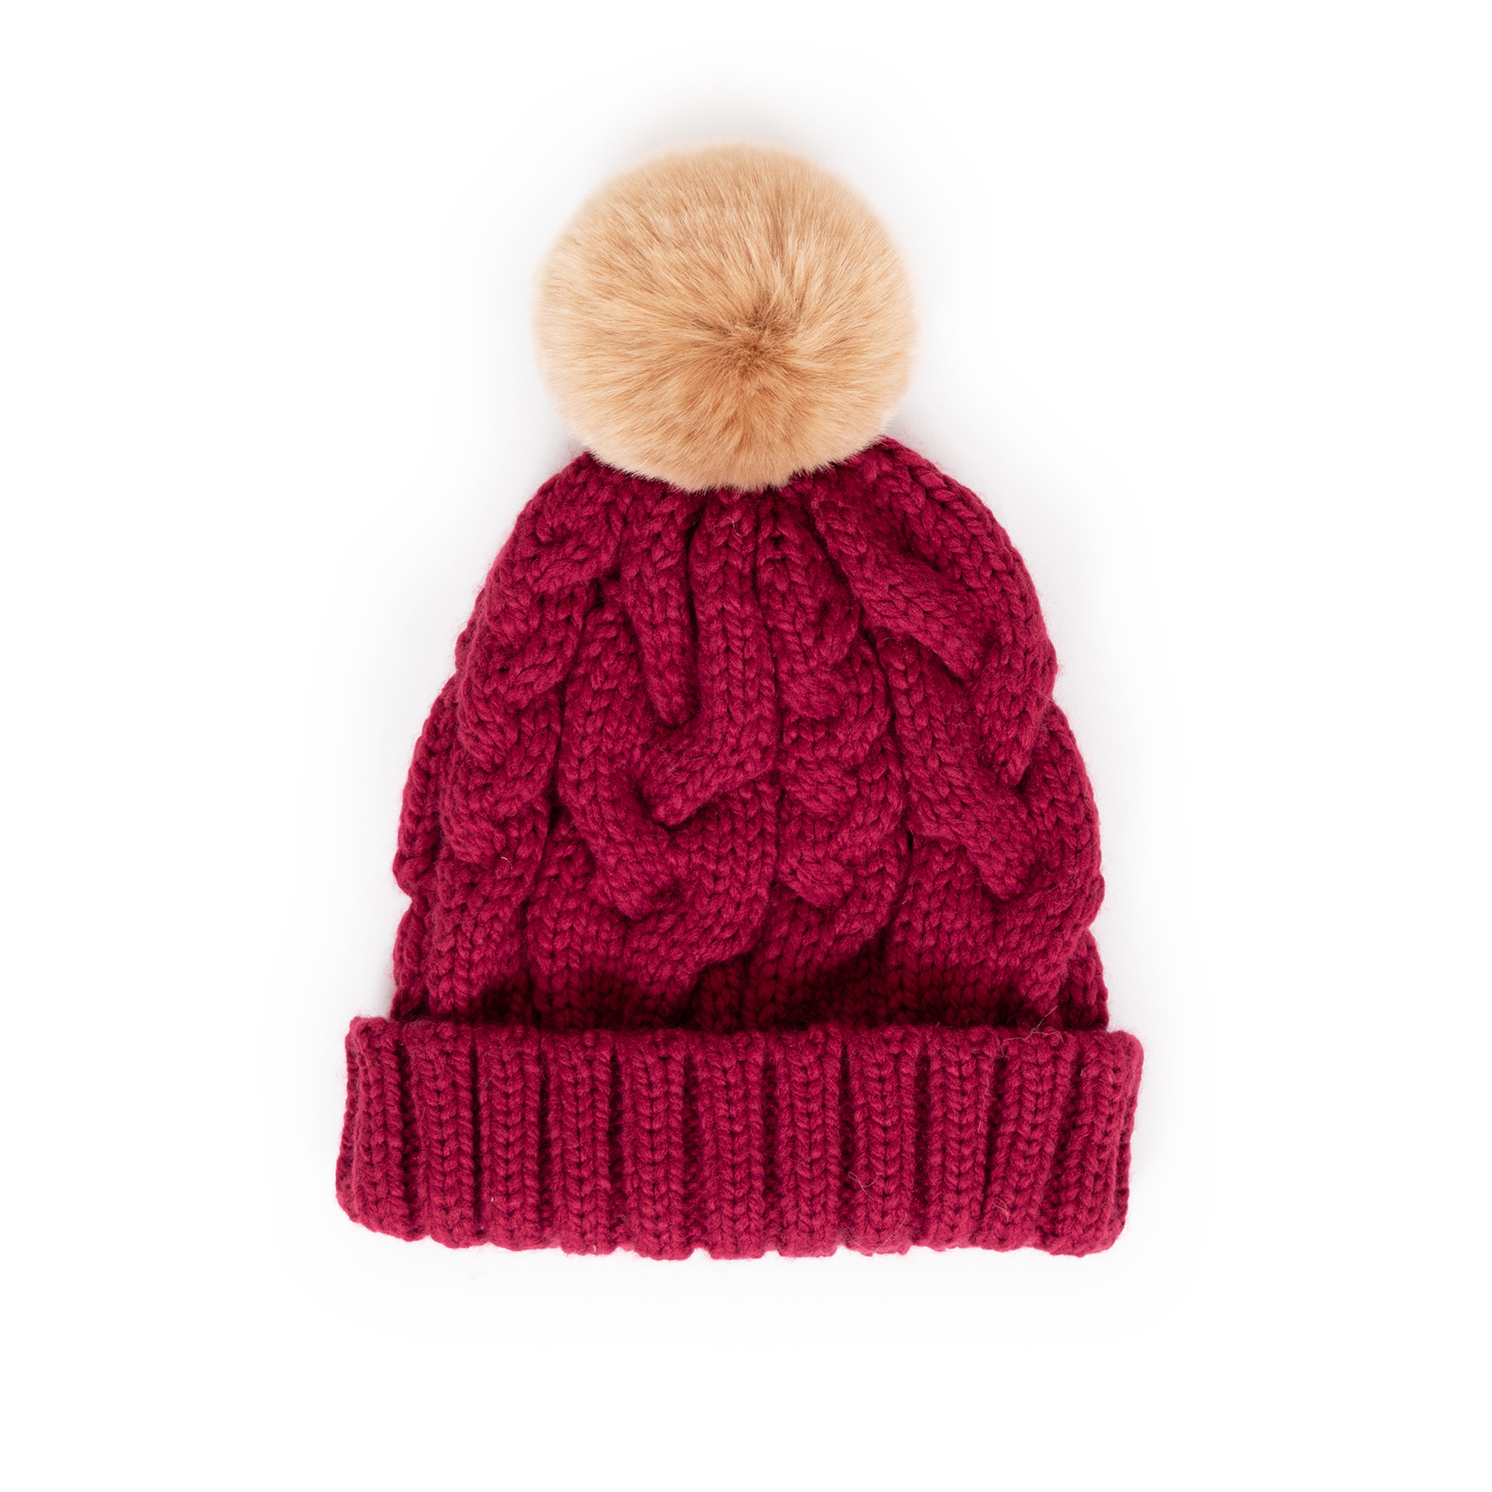 Powder – Charlotte Raspberry Pom Pom Hat with Powder Presentation Gift Bag